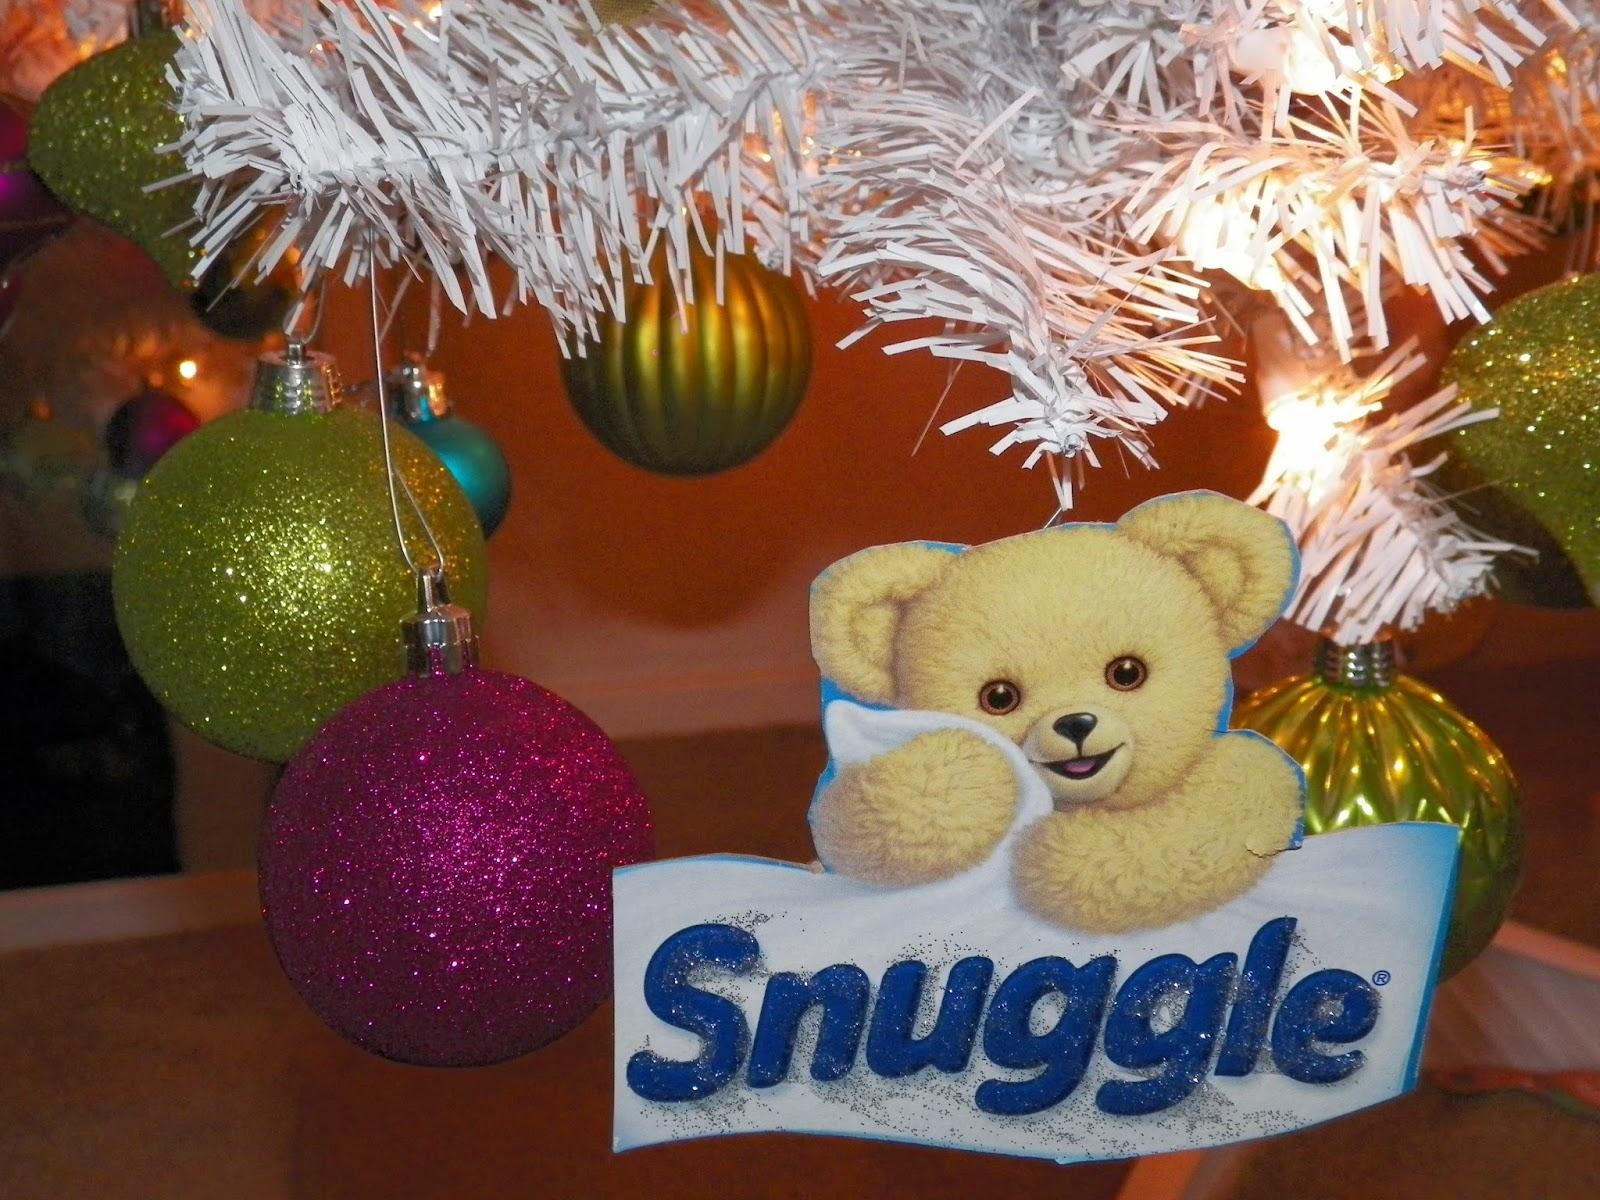 SnuggleBearDryerSheets.jpg